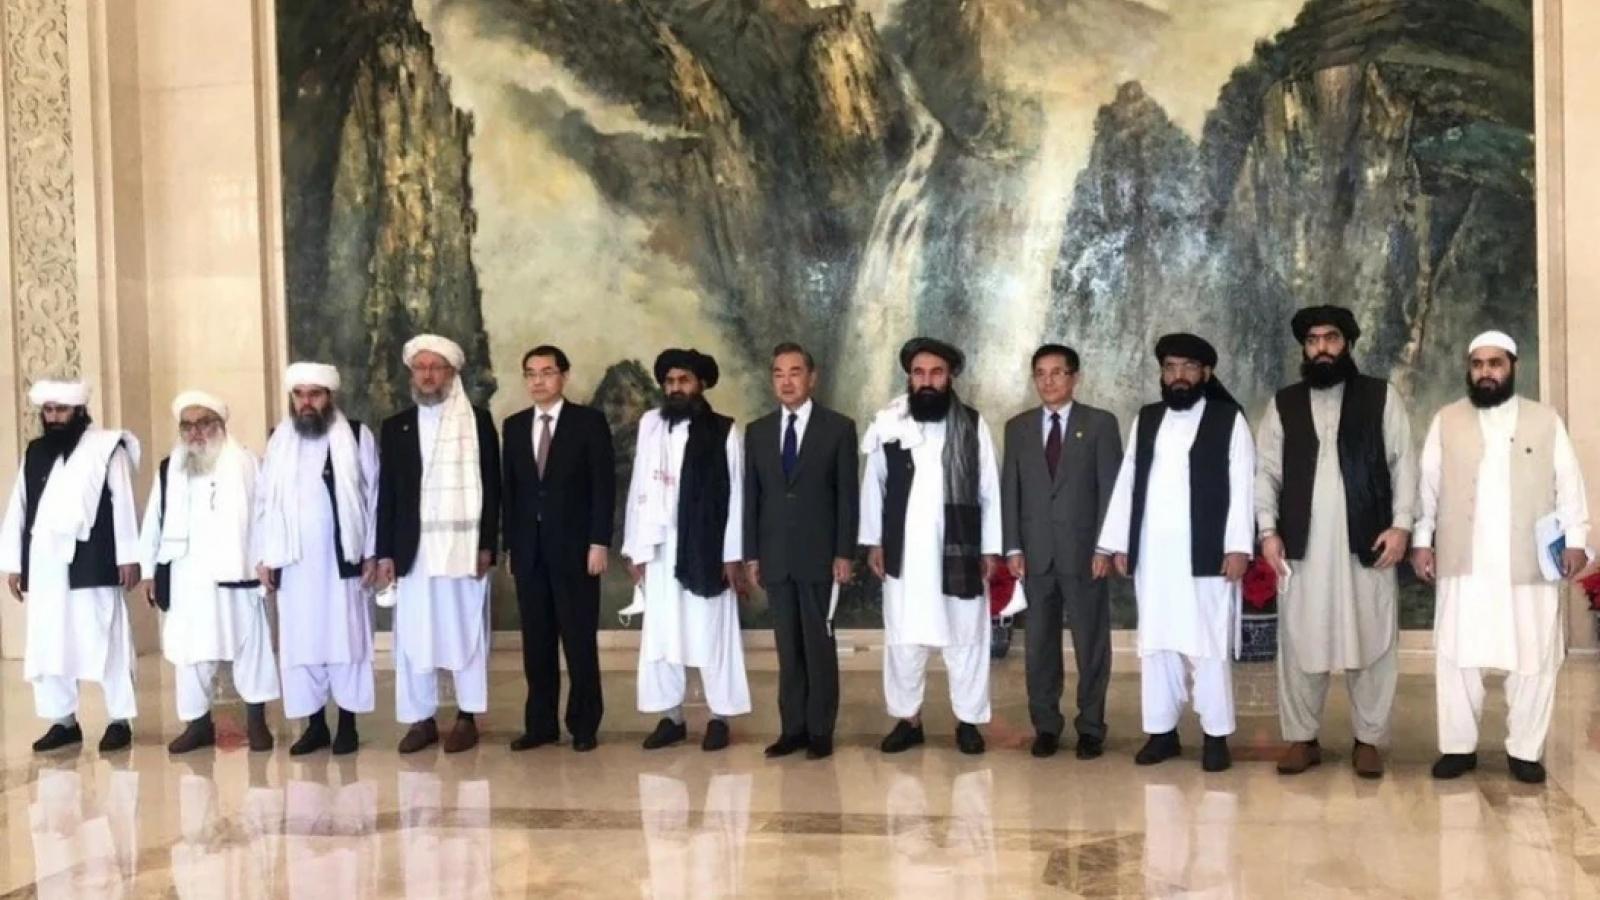 Trung Quốc đón tiếp Taliban, khẳng định phái này có vai trò quan trọng đối với Afghanistan